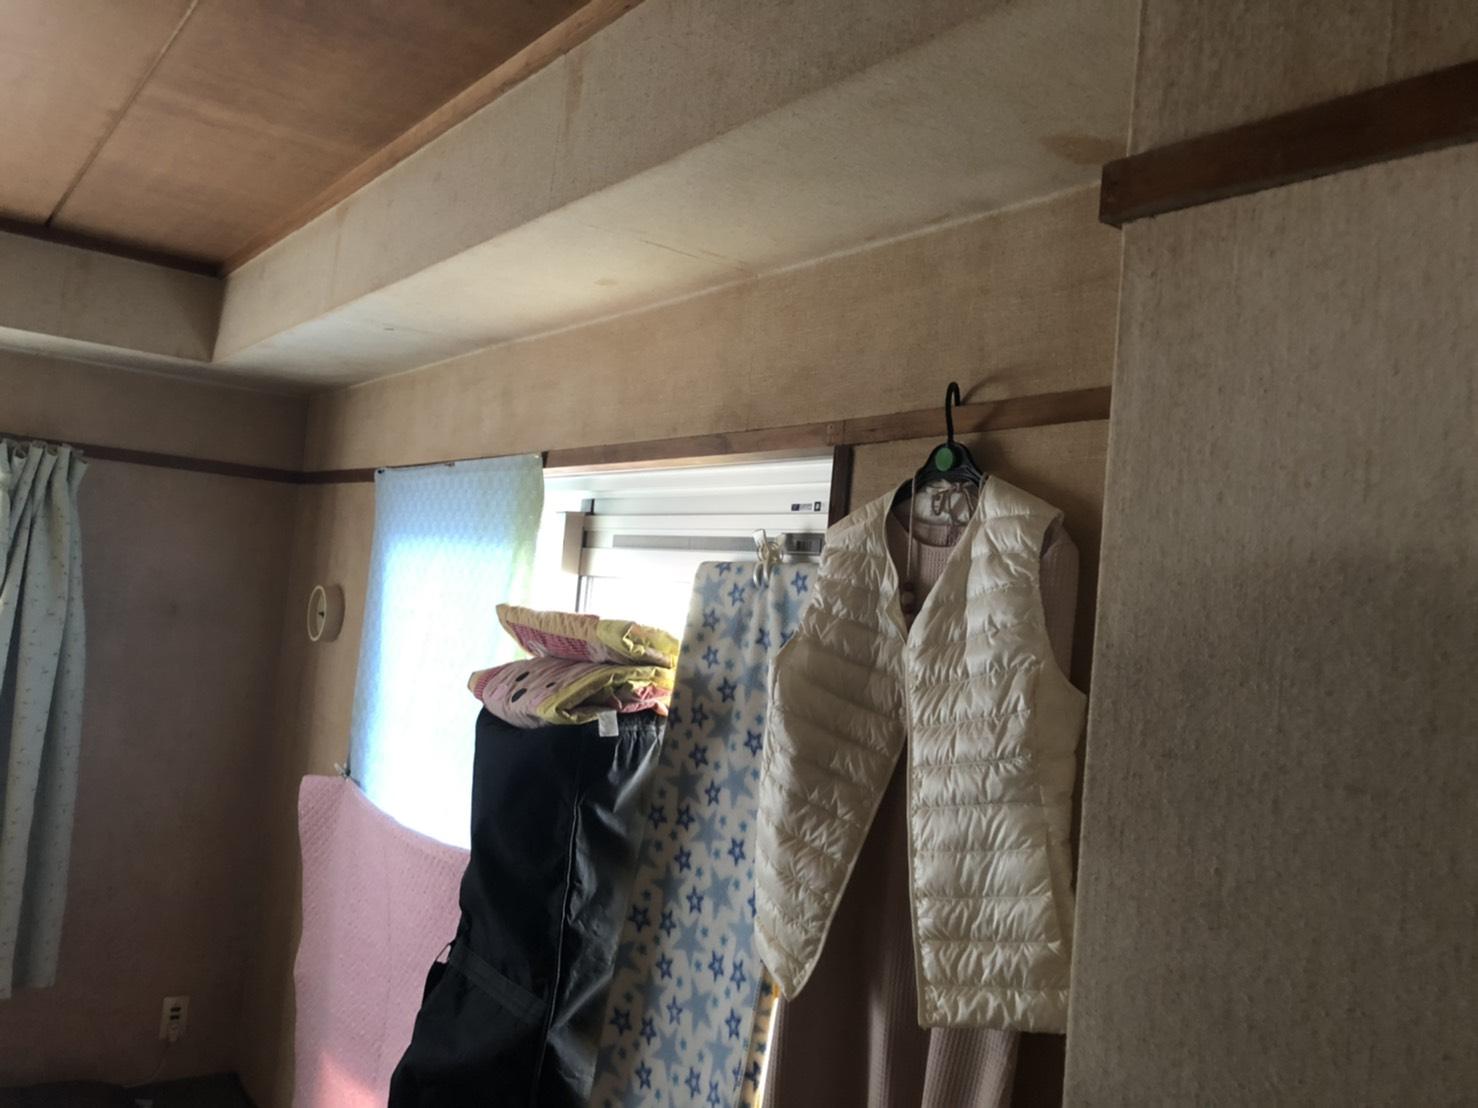 梁にアクセントクロスを張り枠回りは塗装